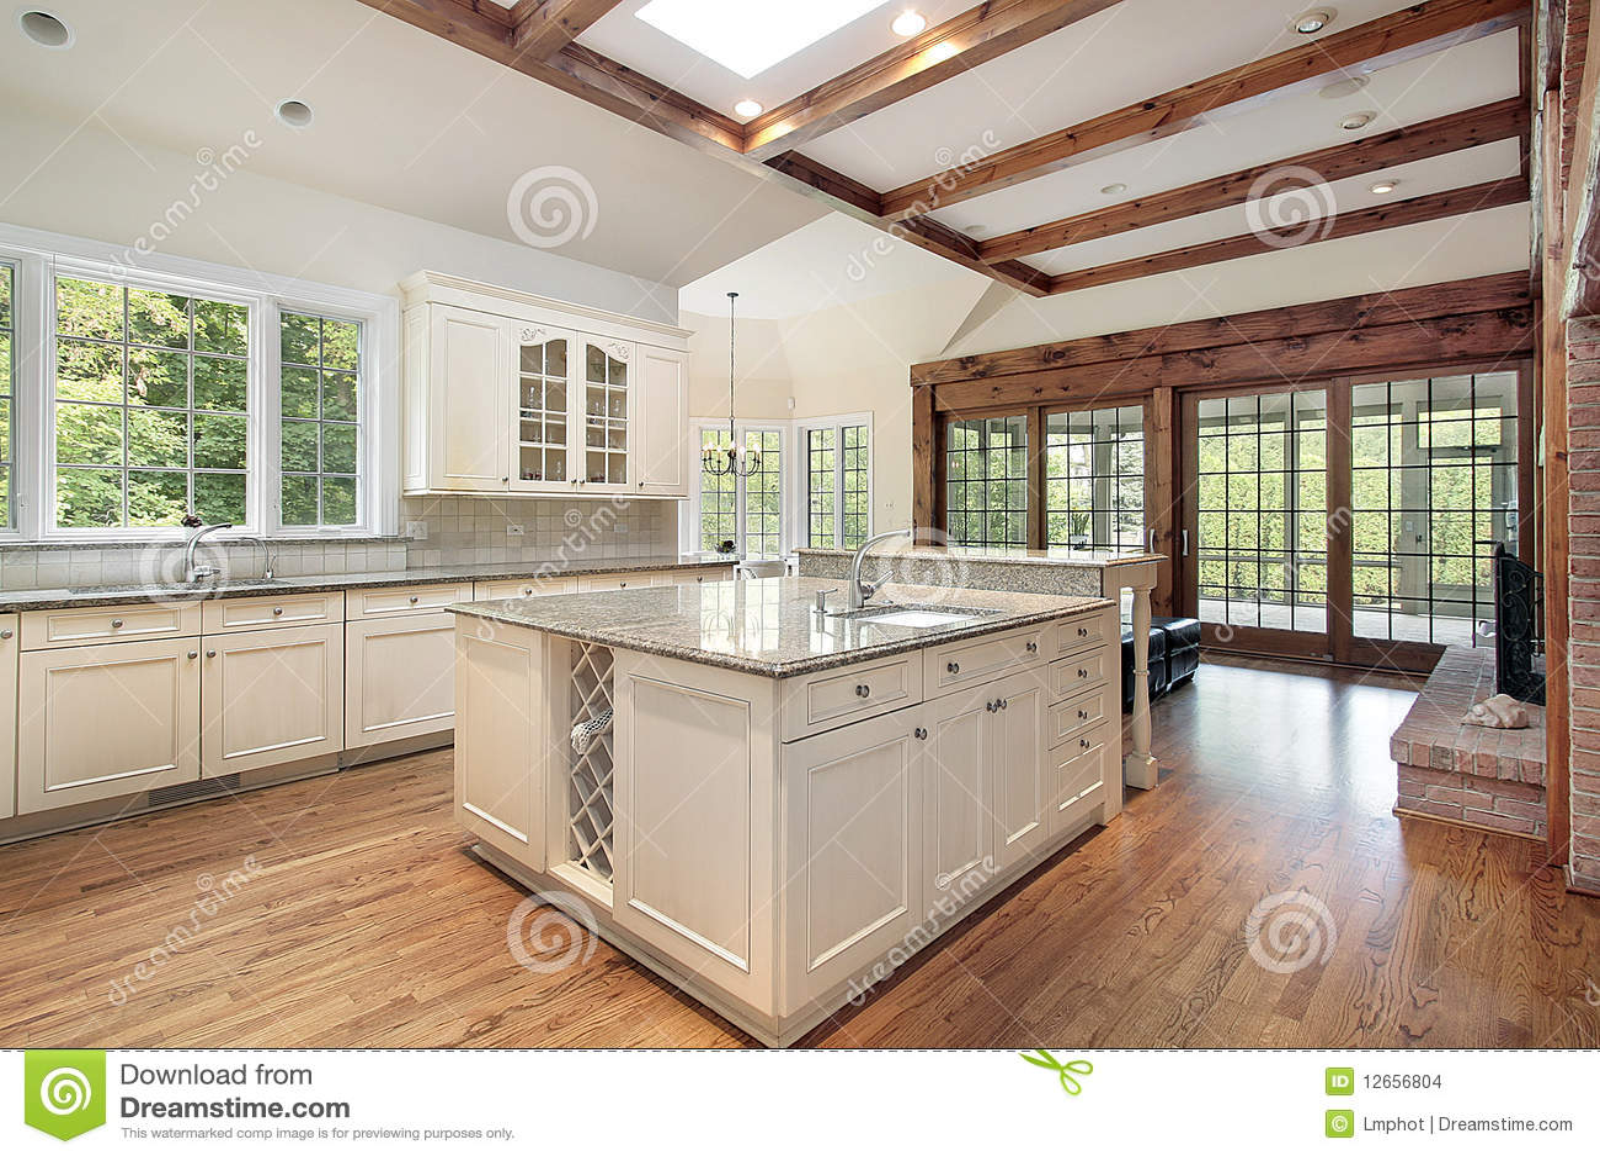 Cocina con las vigas de madera del techo imagenes de - Techos con vigas de madera ...